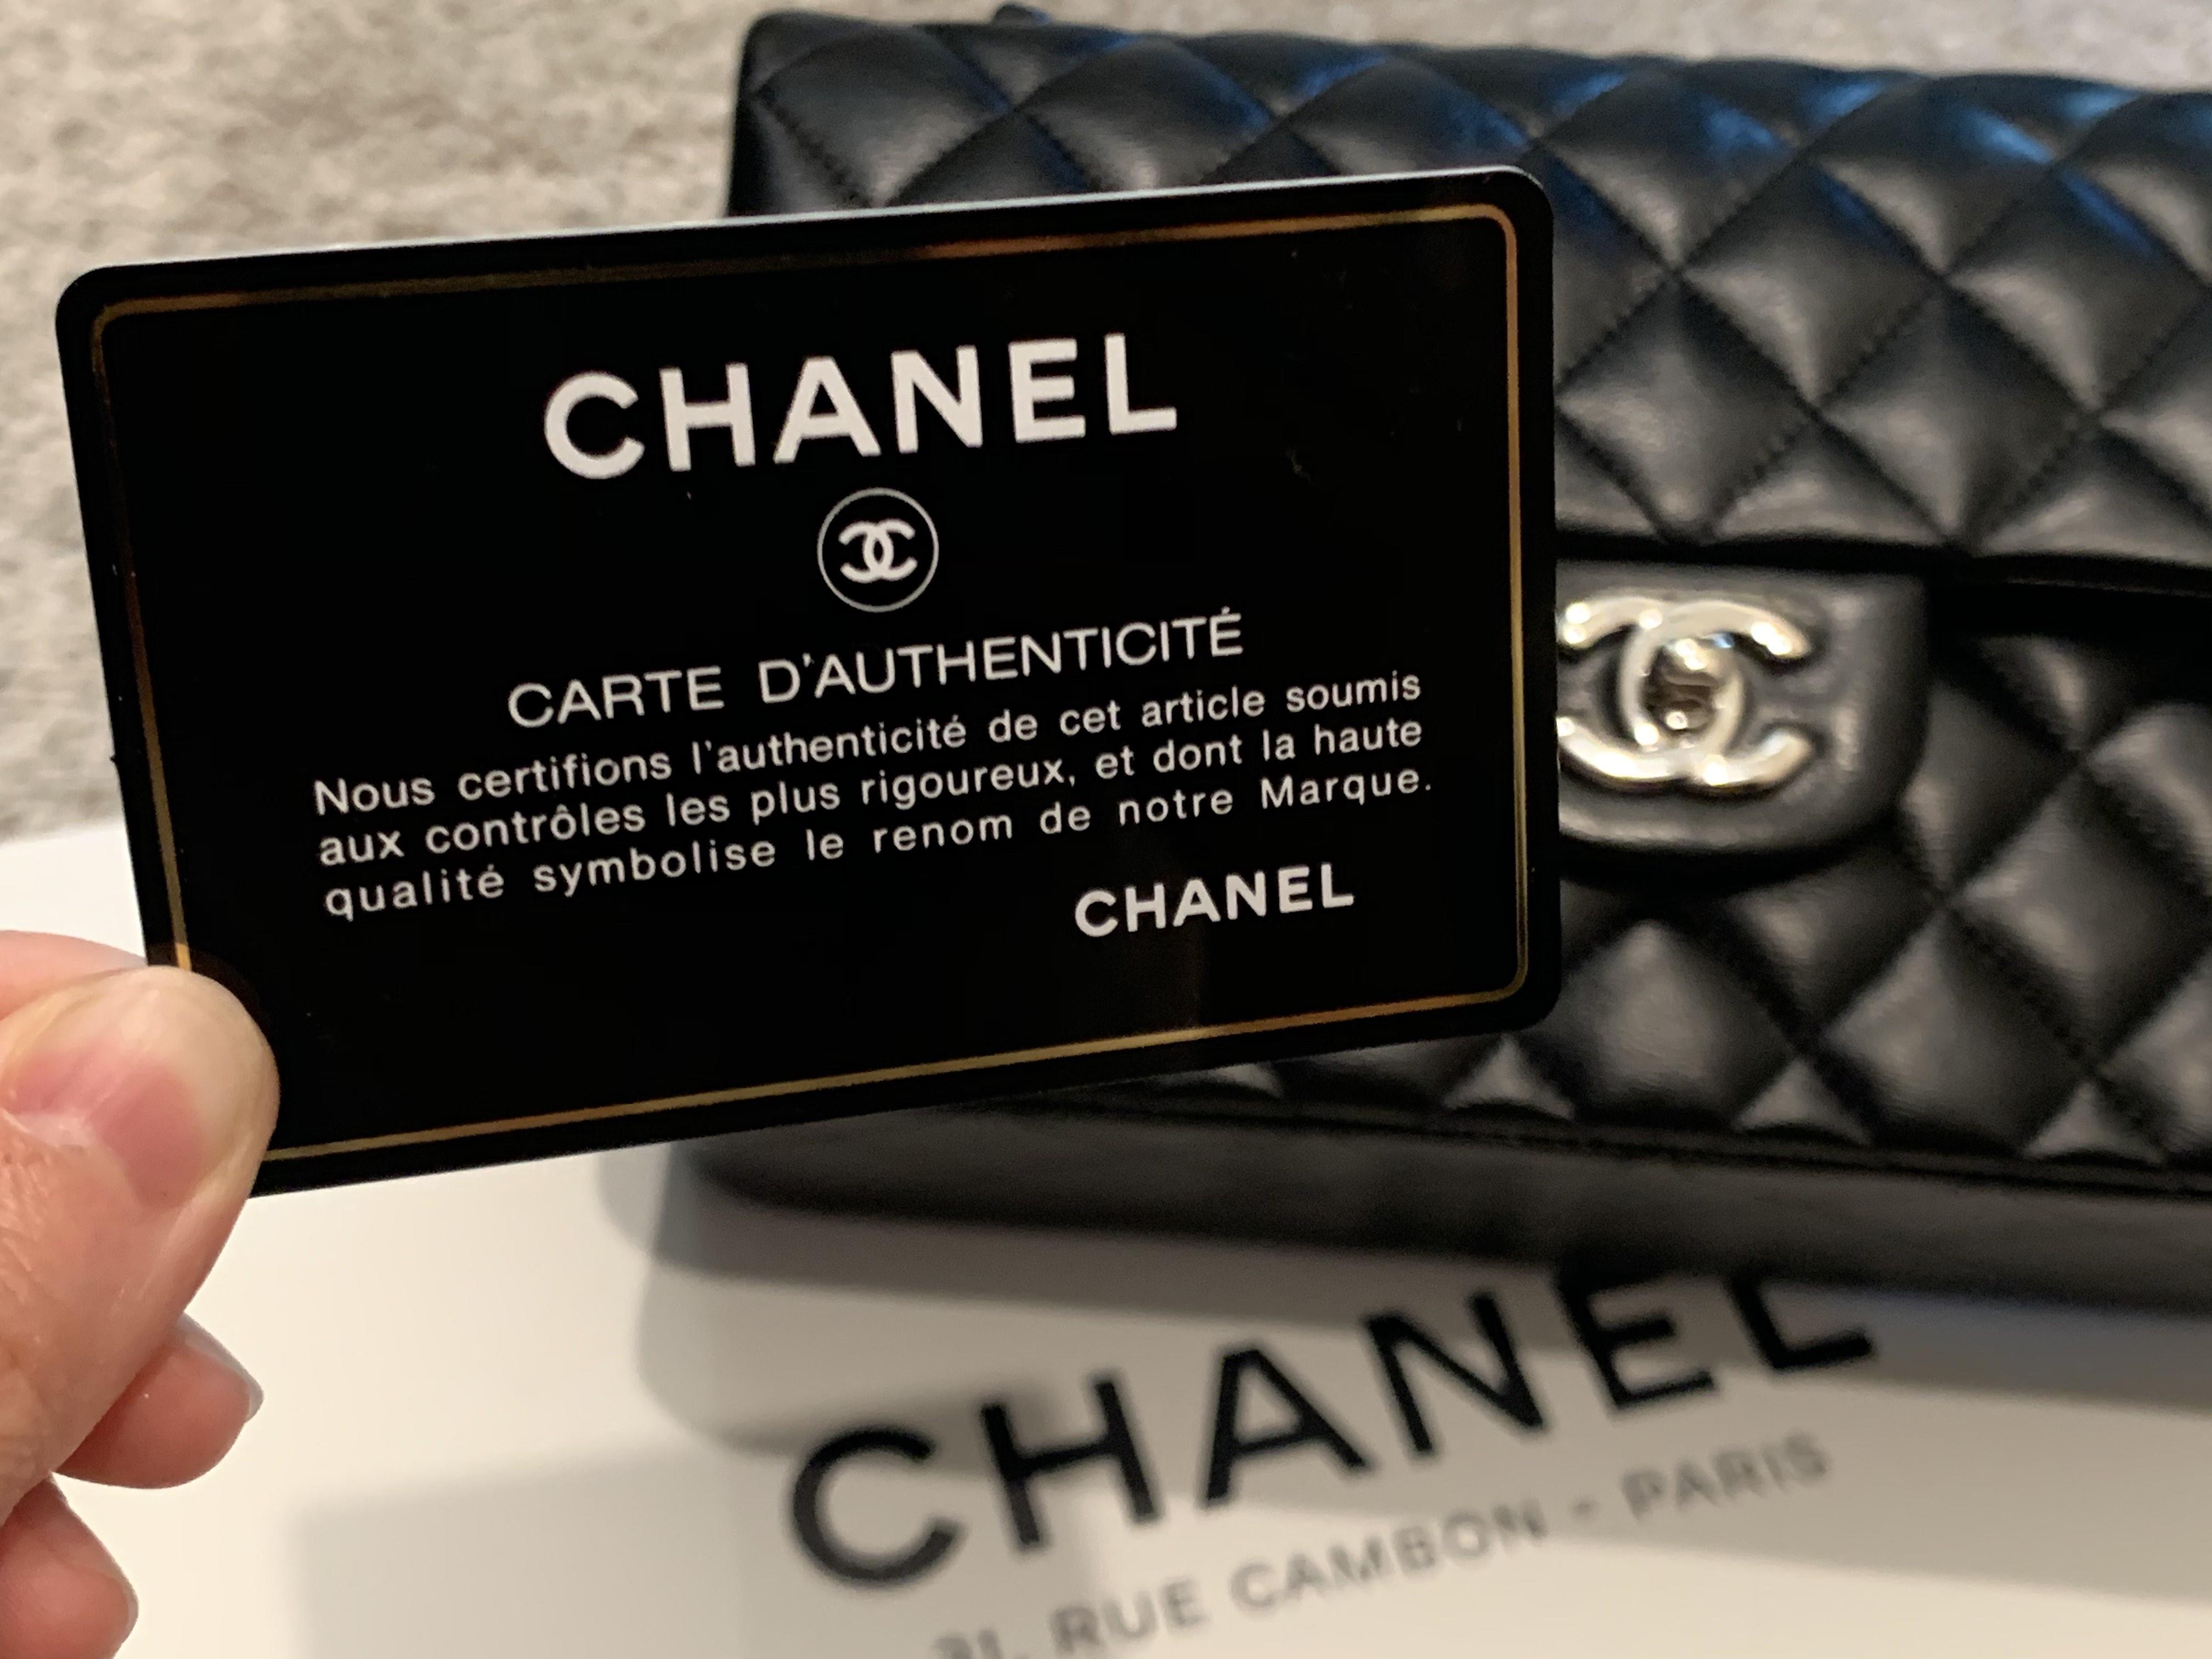 奢侈品牌都會附贈一個「真品卡」(Authenticity Card)來證明真偽。隨身攜帶真品卡出遊,可減少海關查詢的麻煩。記者楊婷攝